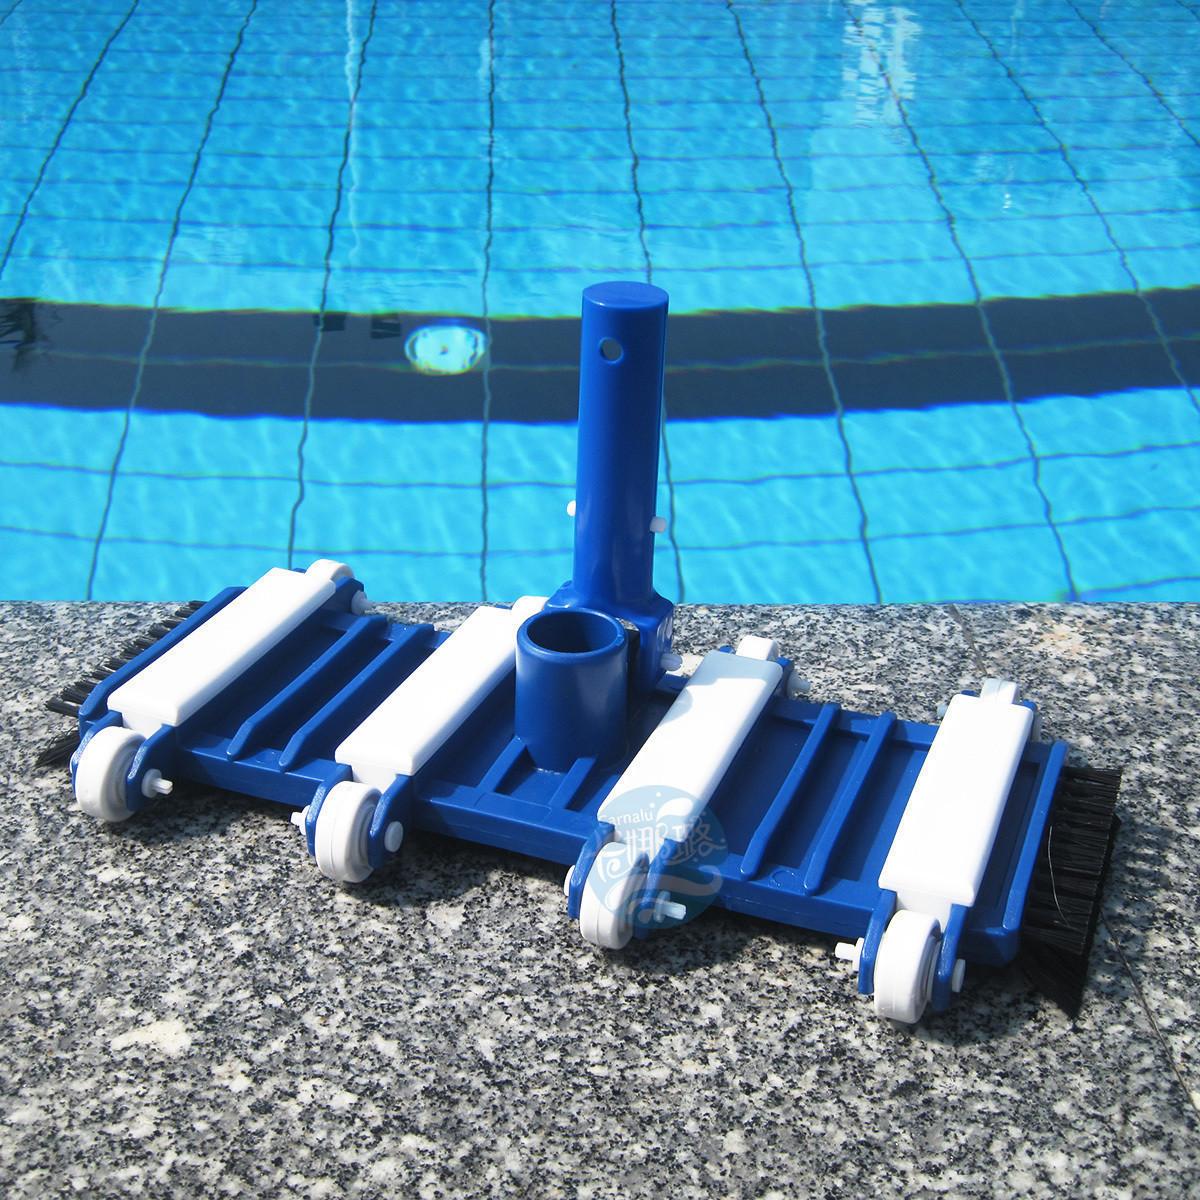 游泳池吸污头吸污机水下吸尘器鱼池清洁设备14寸底部带毛刷吸污头